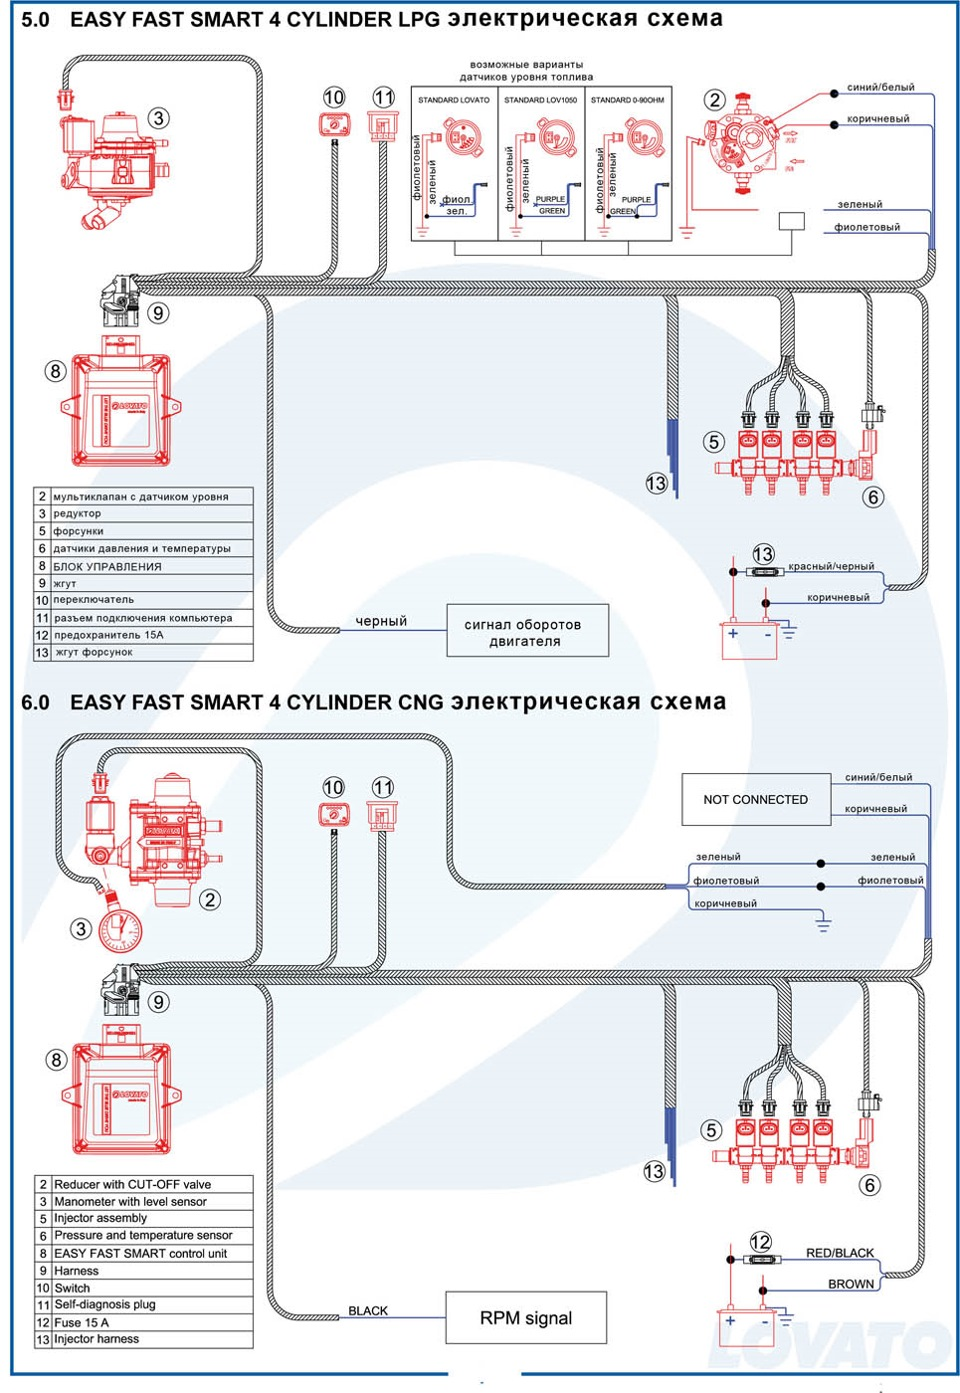 подробная электрическая схема 2107